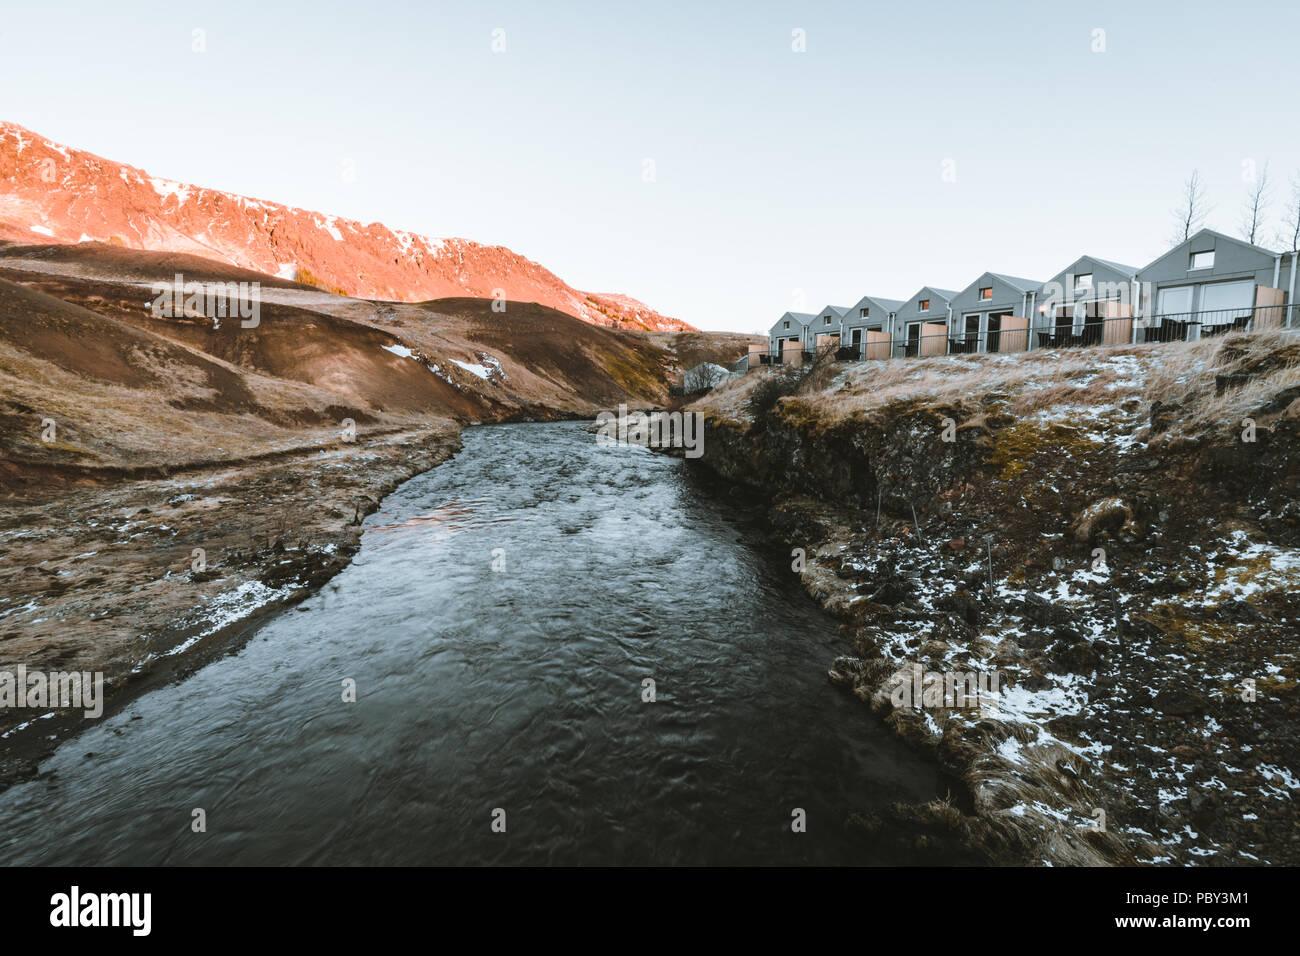 """Island, Mai 2018: Blick in Richtung Hotel """"Feuer und Eis"""" bei Sonnenuntergang in einem geothermischen Gebiet Reykjadalur Valley im Süden Islands. Stockbild"""